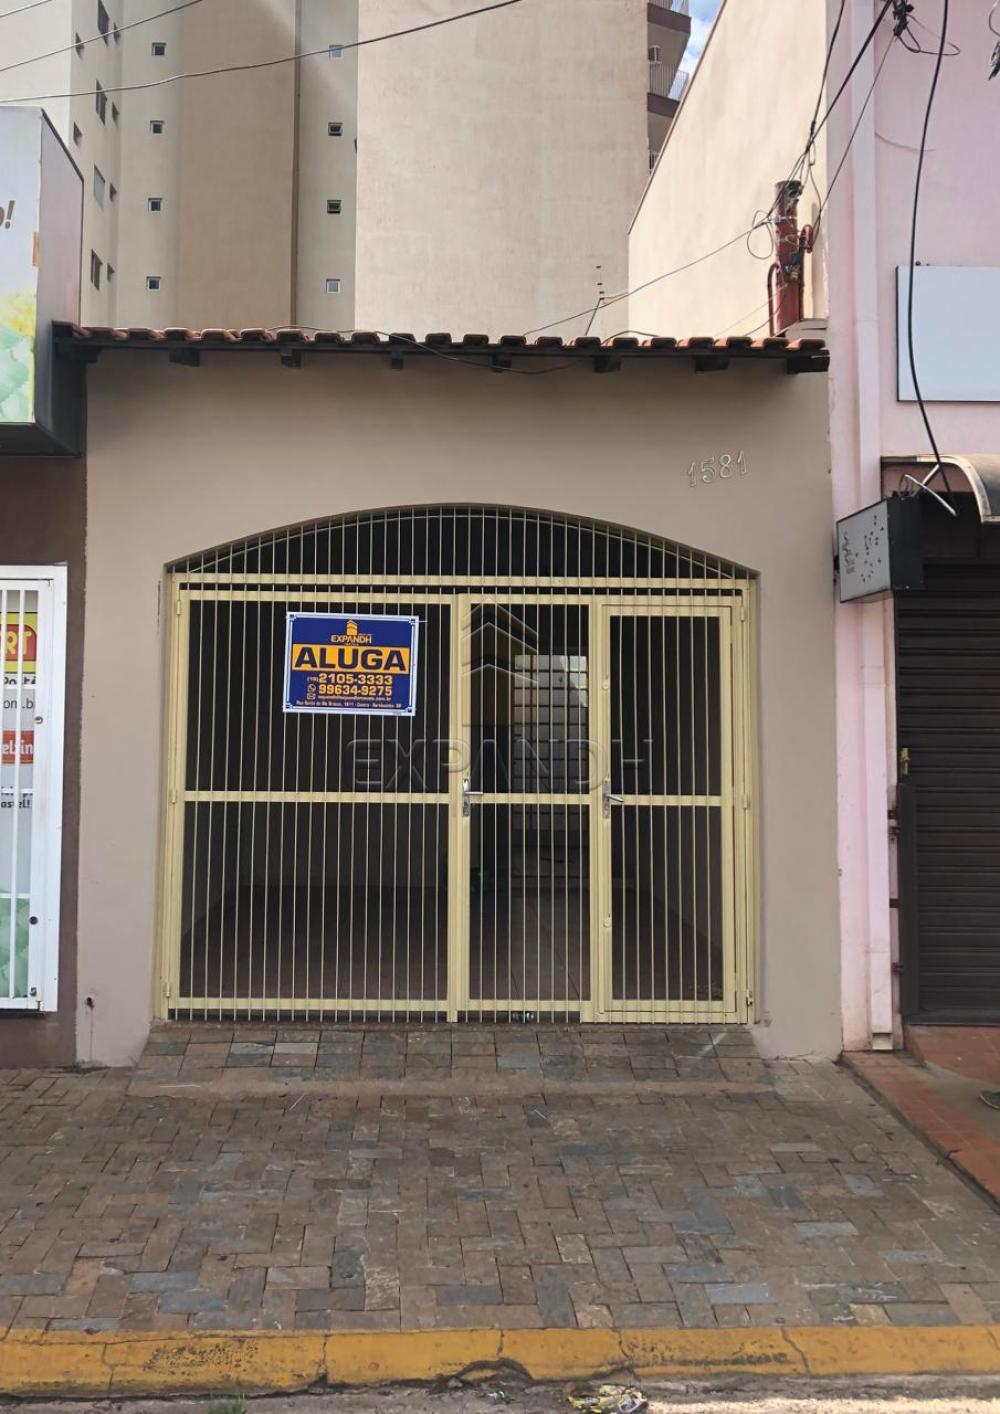 Alugar Casas / Padrão em Sertãozinho R$ 1.100,00 - Foto 1